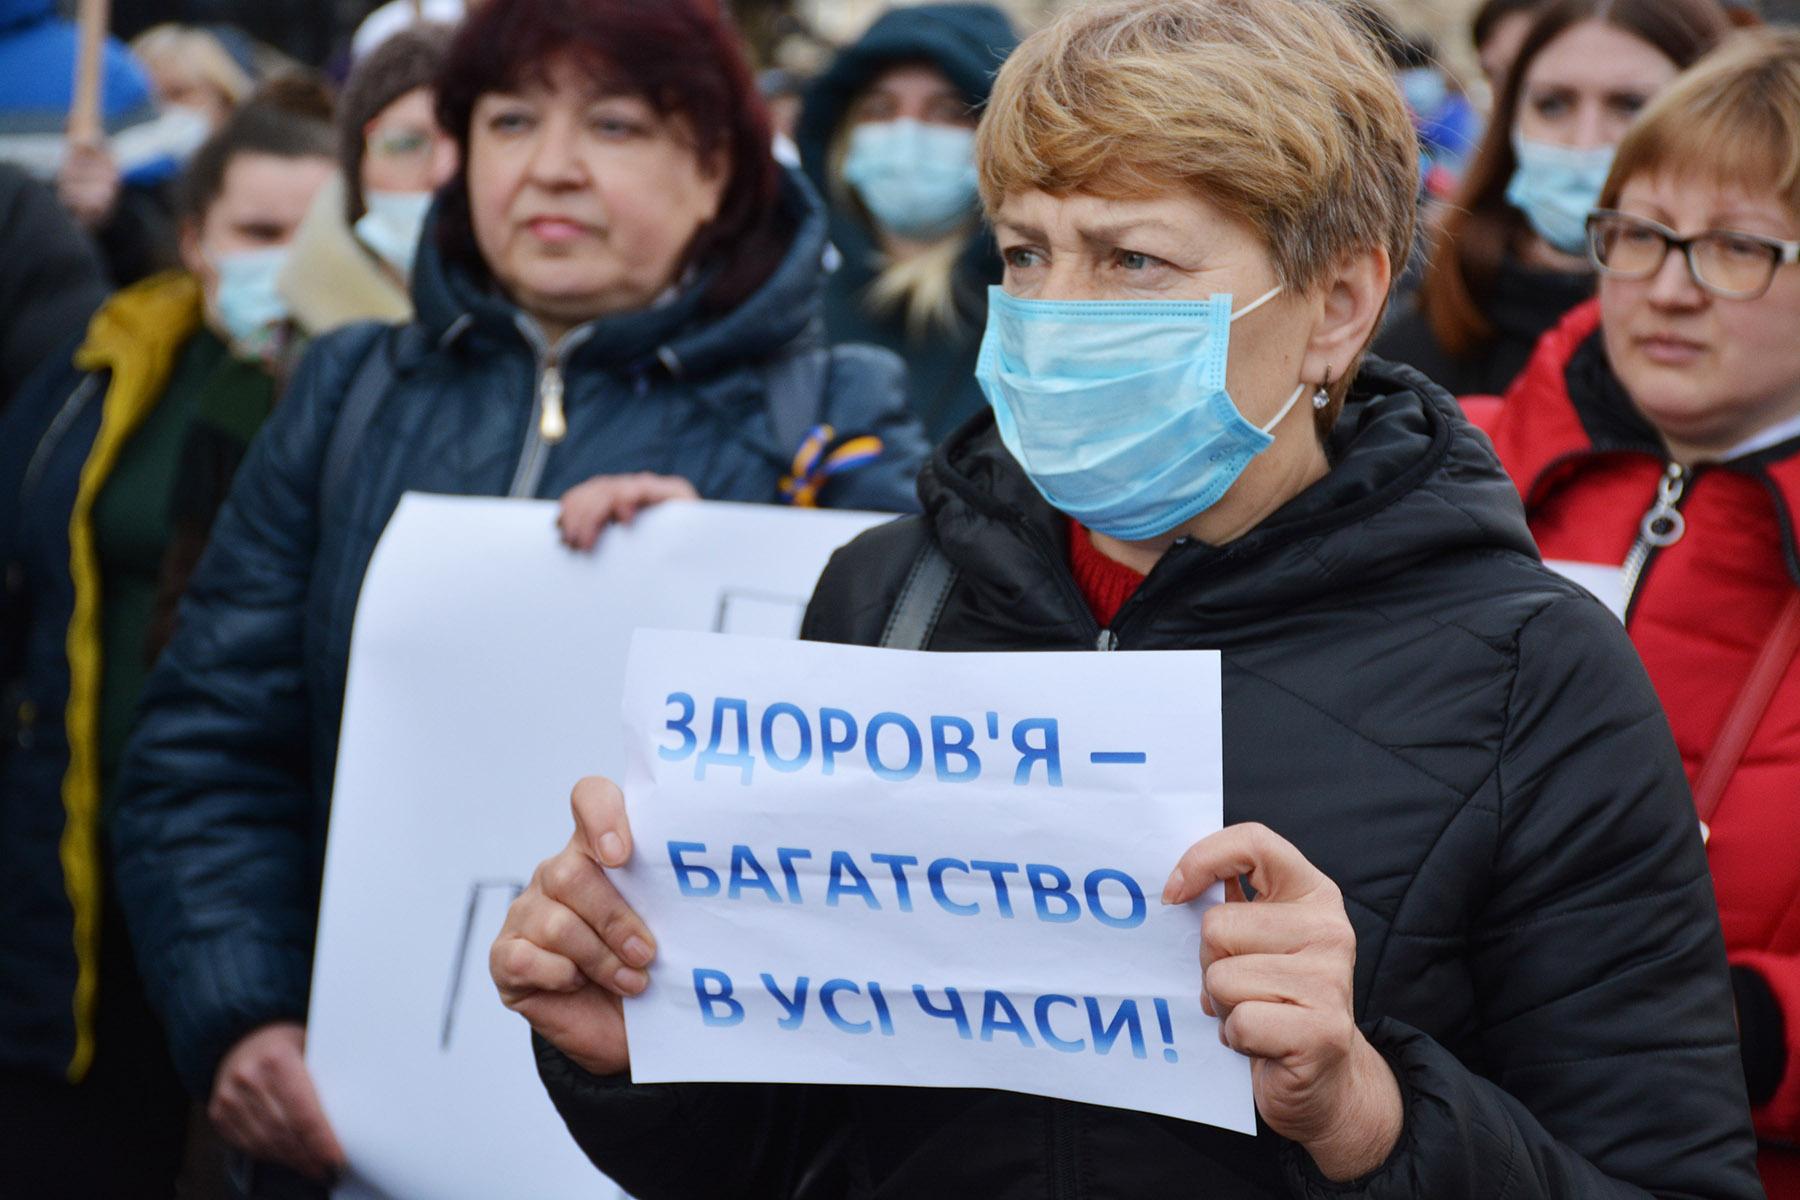 Медреформа. Протести медиків